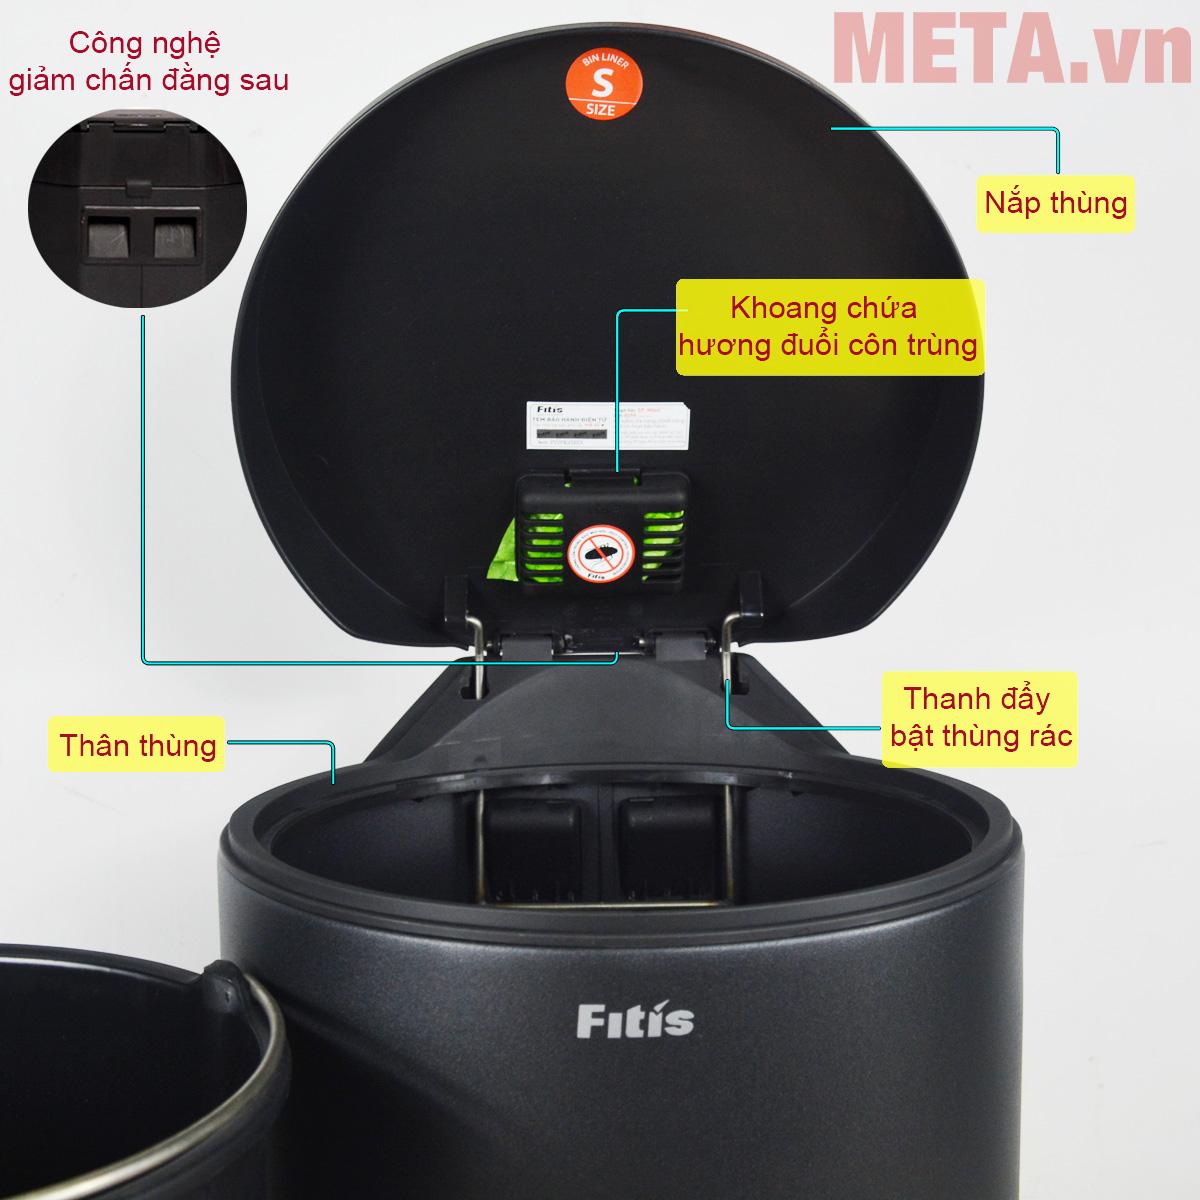 Thùng rác inox đạp tròn nhỏ Fitis RPS1-903 phủ sơn tĩnh điện chống gỉ ngoài vỏ